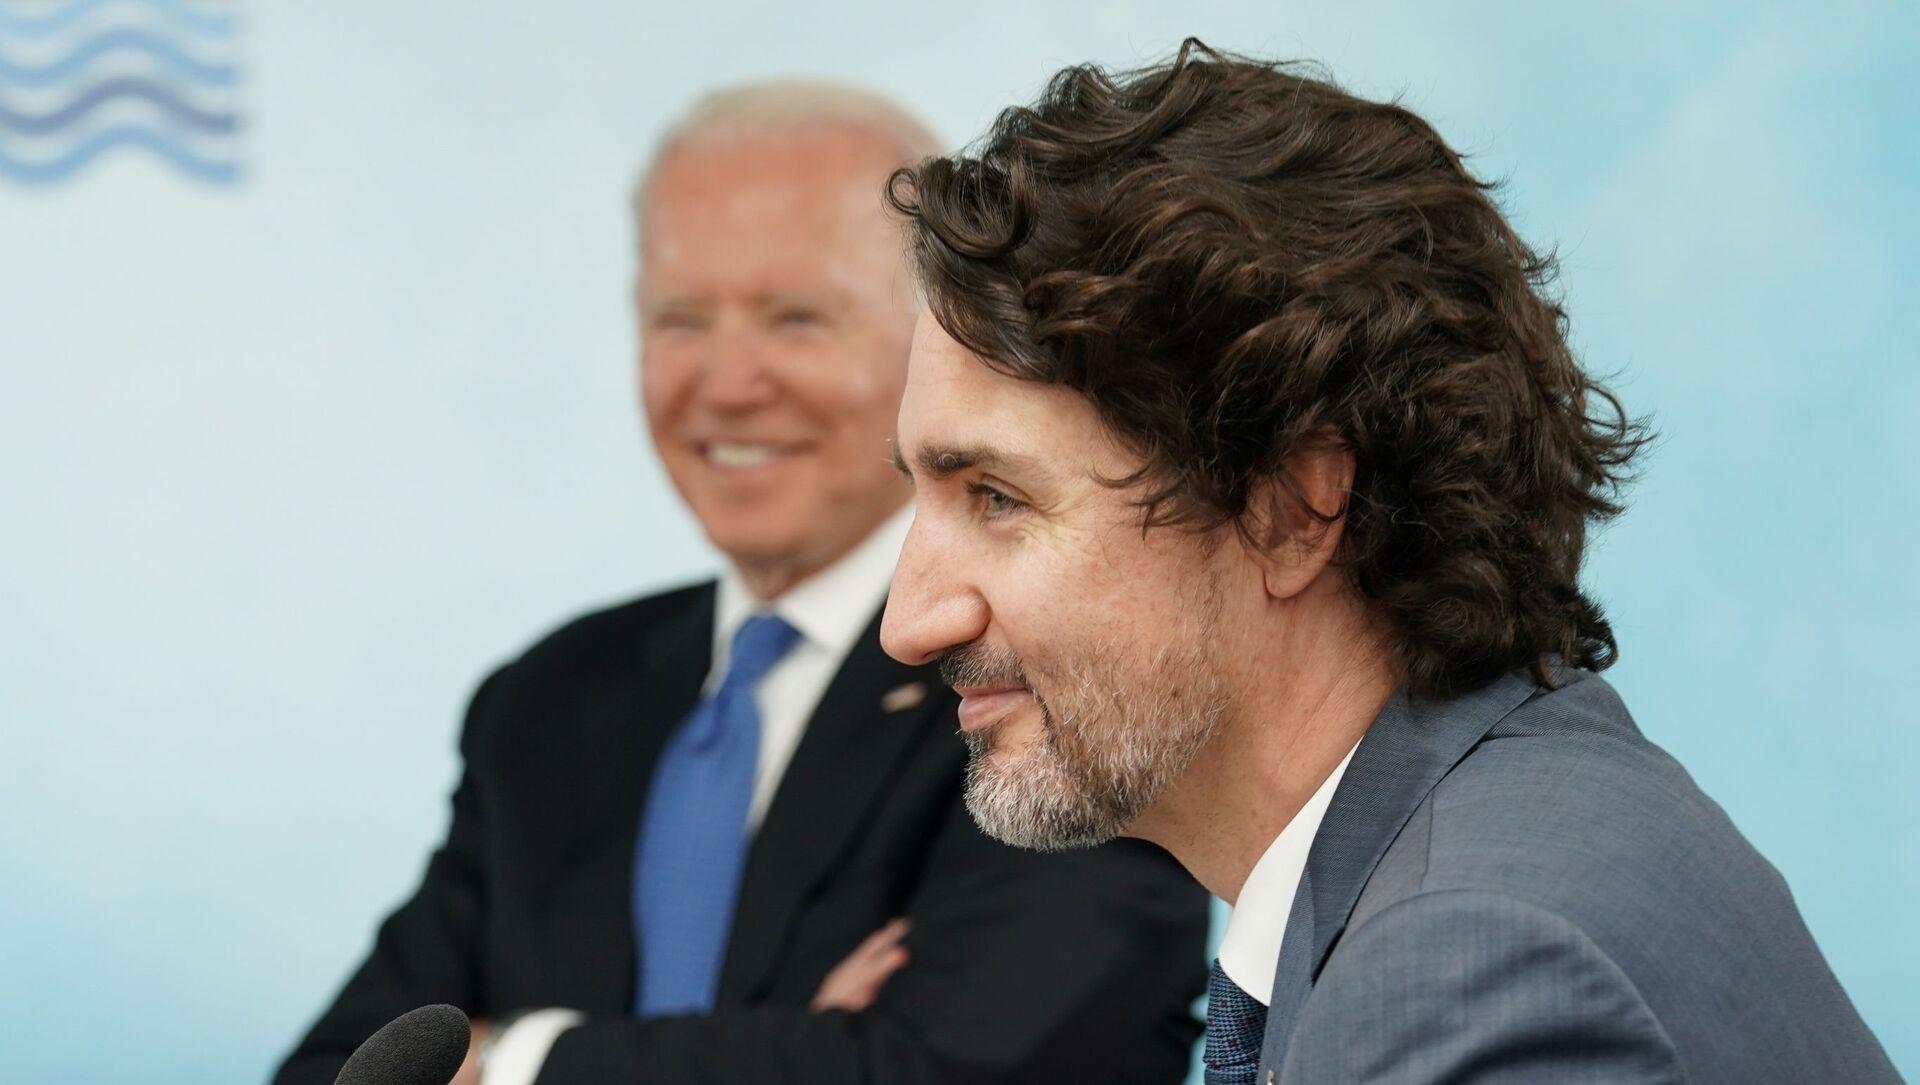 Tổng thống Hoa Kỳ Joe Biden và Thủ tướng Canada Justin Trudeau tham dự một phiên họp trong hội nghị thượng đỉnh G7 ở Vịnh Carbis, Cornwall, Anh, ngày 11 tháng 6 năm 2021 - Sputnik Việt Nam, 1920, 03.08.2021